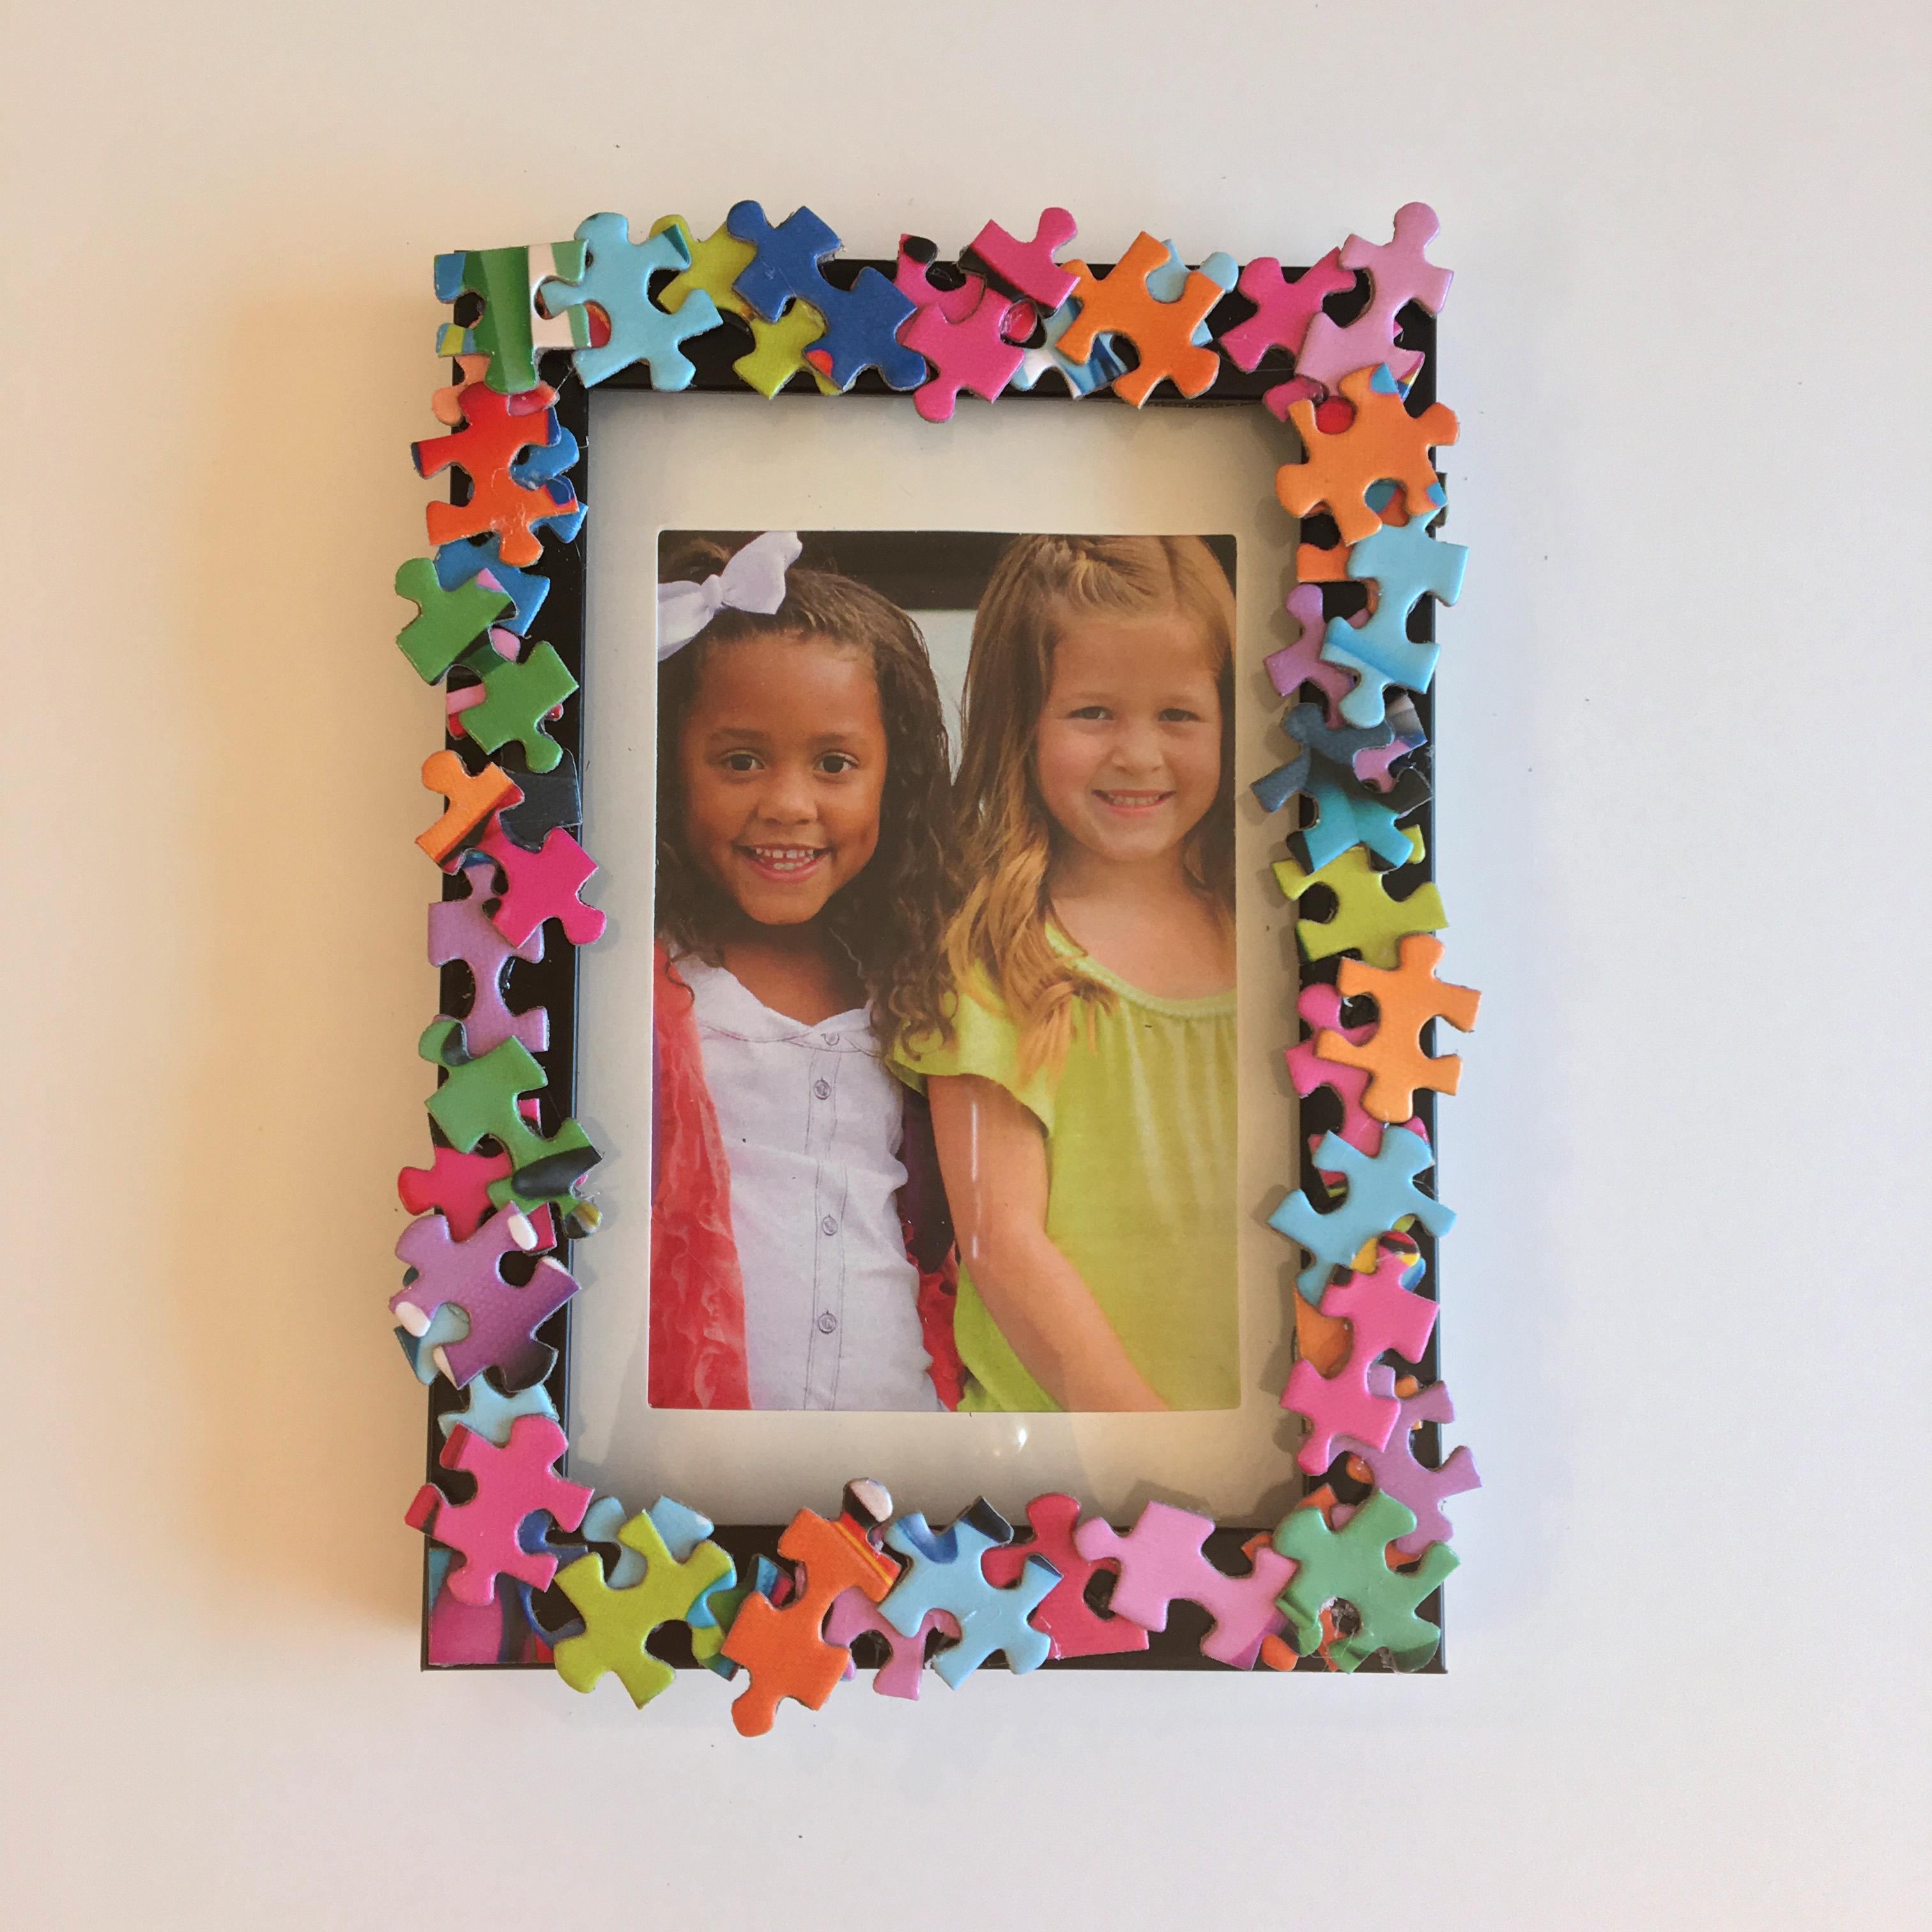 framepuzzle2